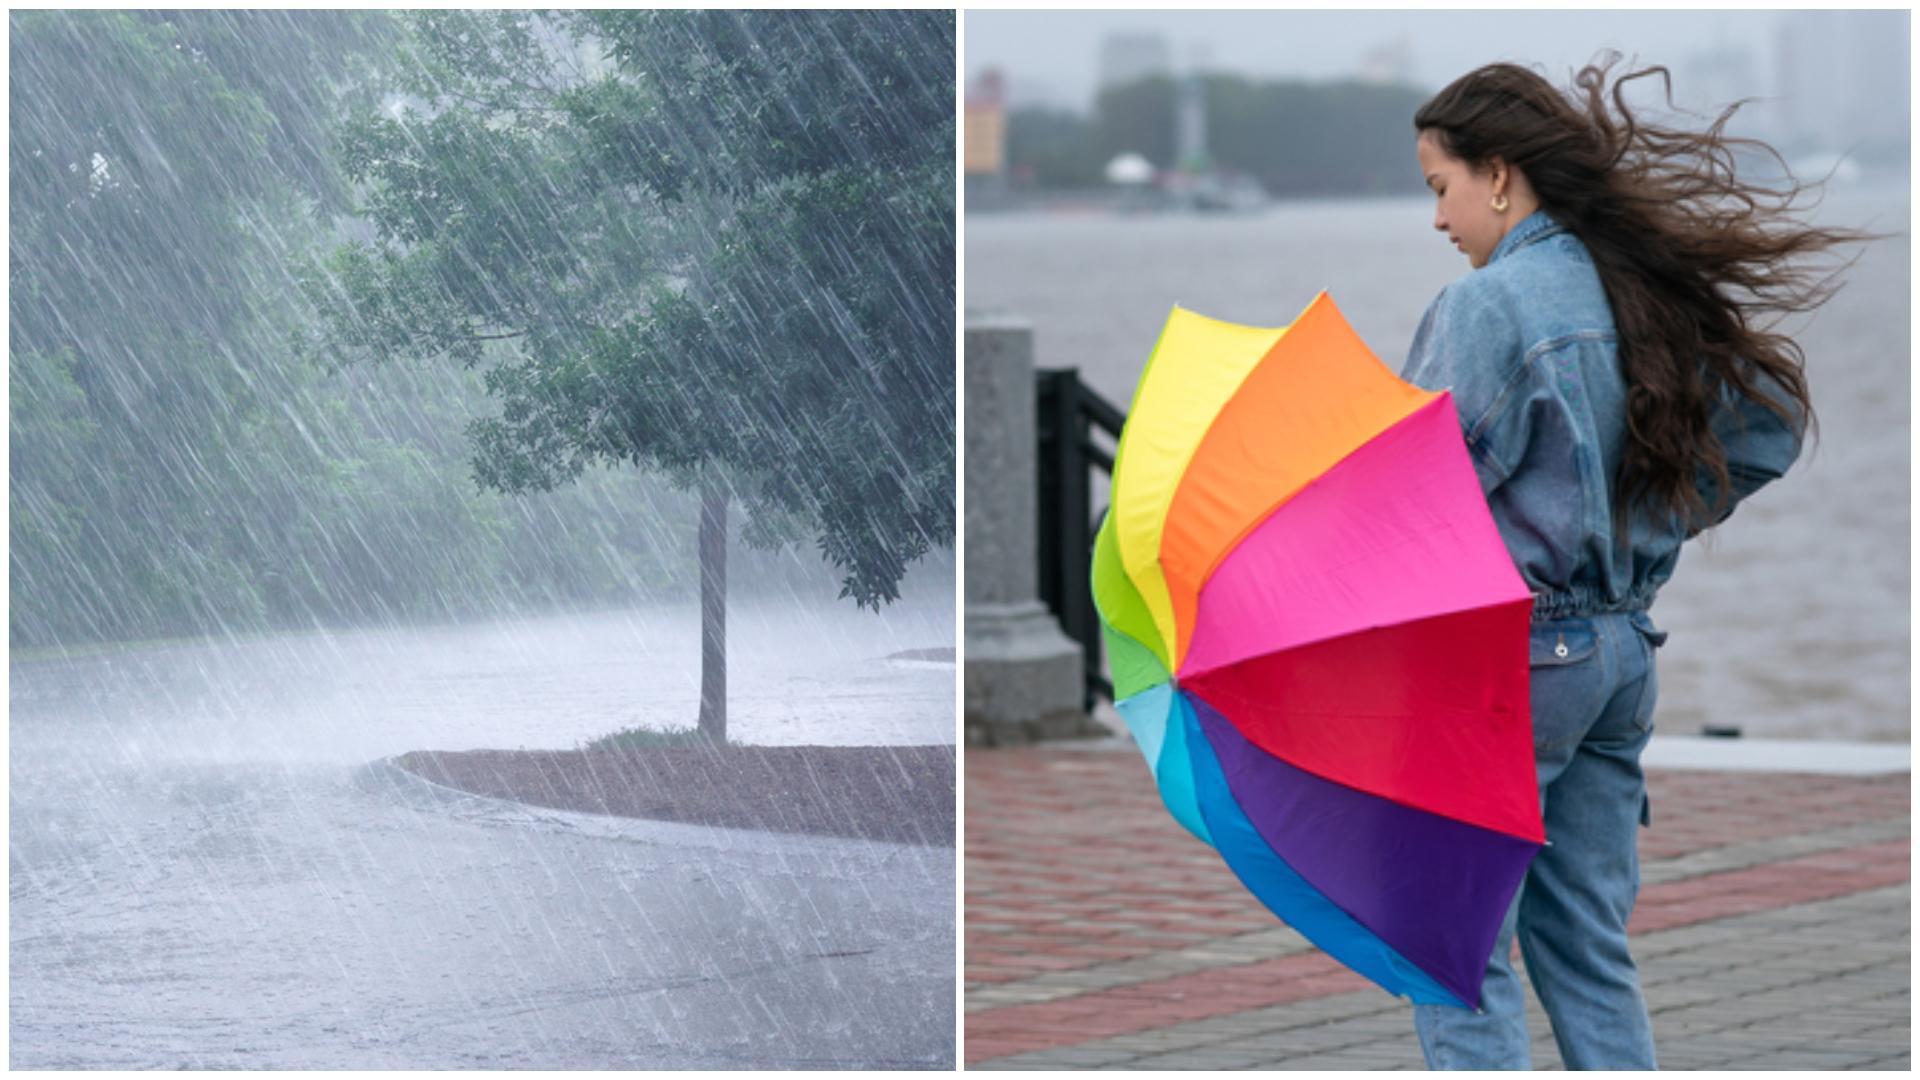 Meteorologii au emis o nouă avertizare cod galben. Zonele care vor fi afectate de ploi torențiale și vijelii